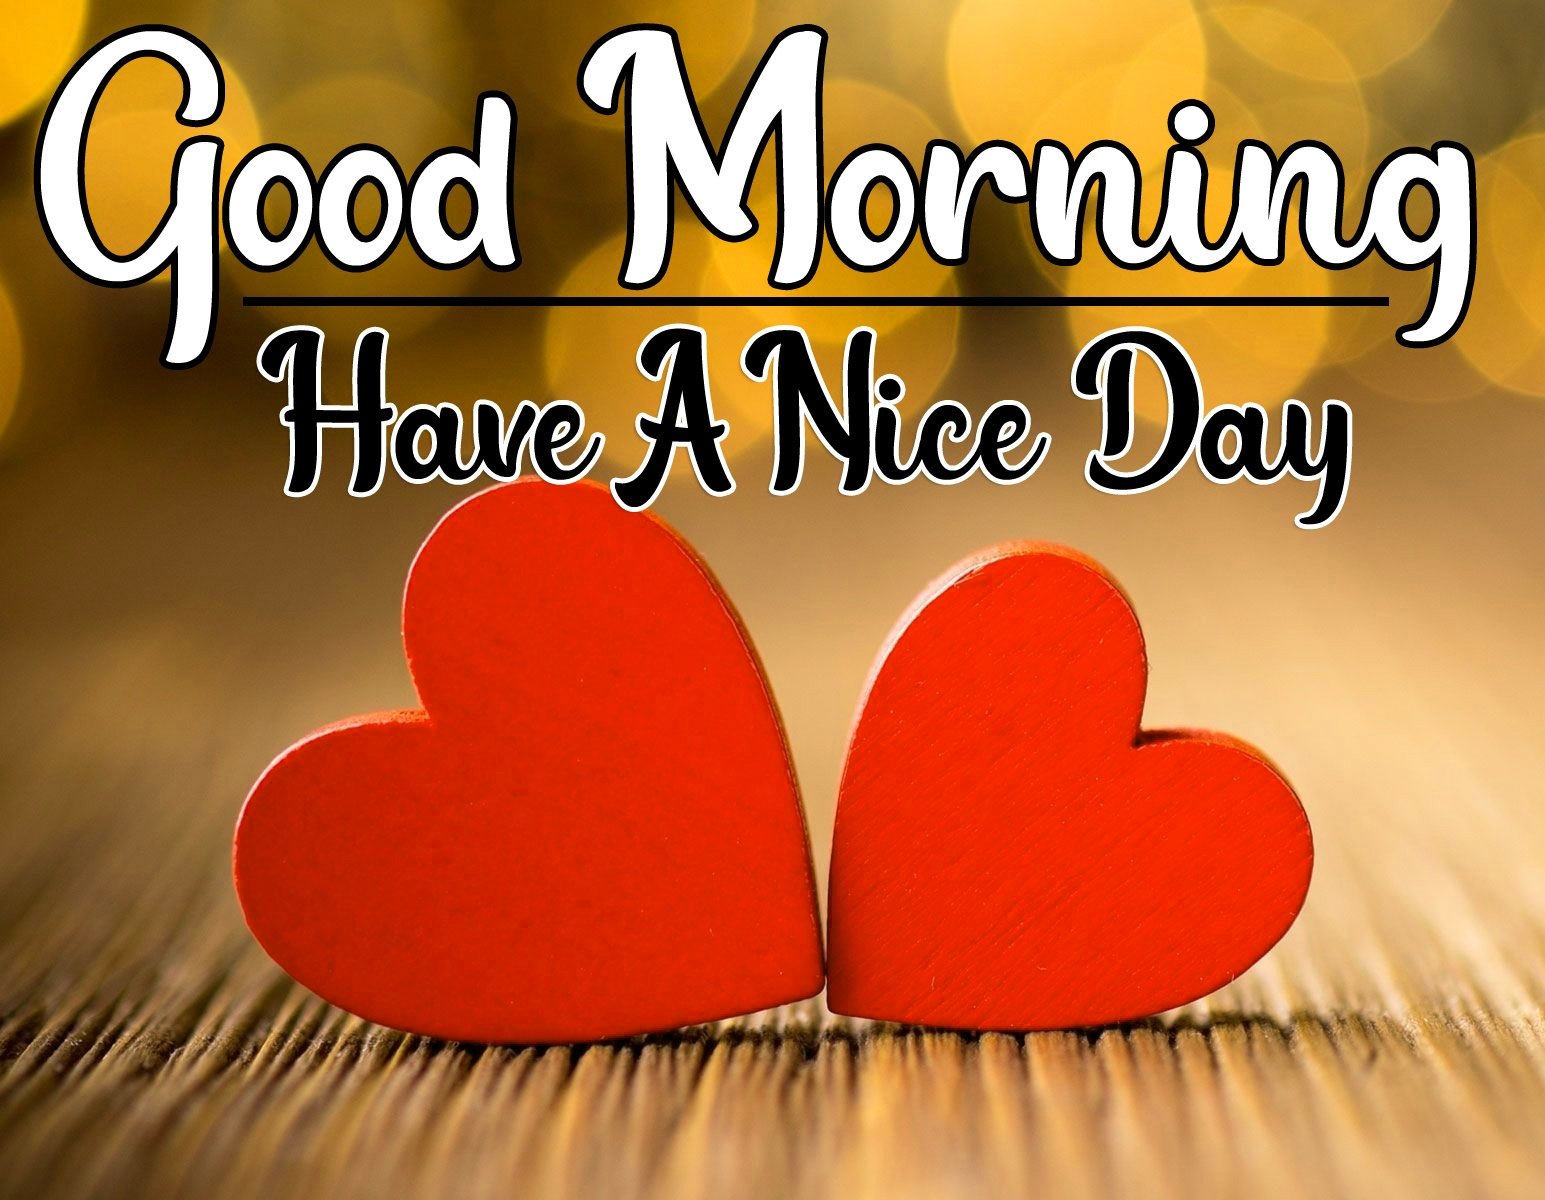 Special Good Morning Wallpaper 16